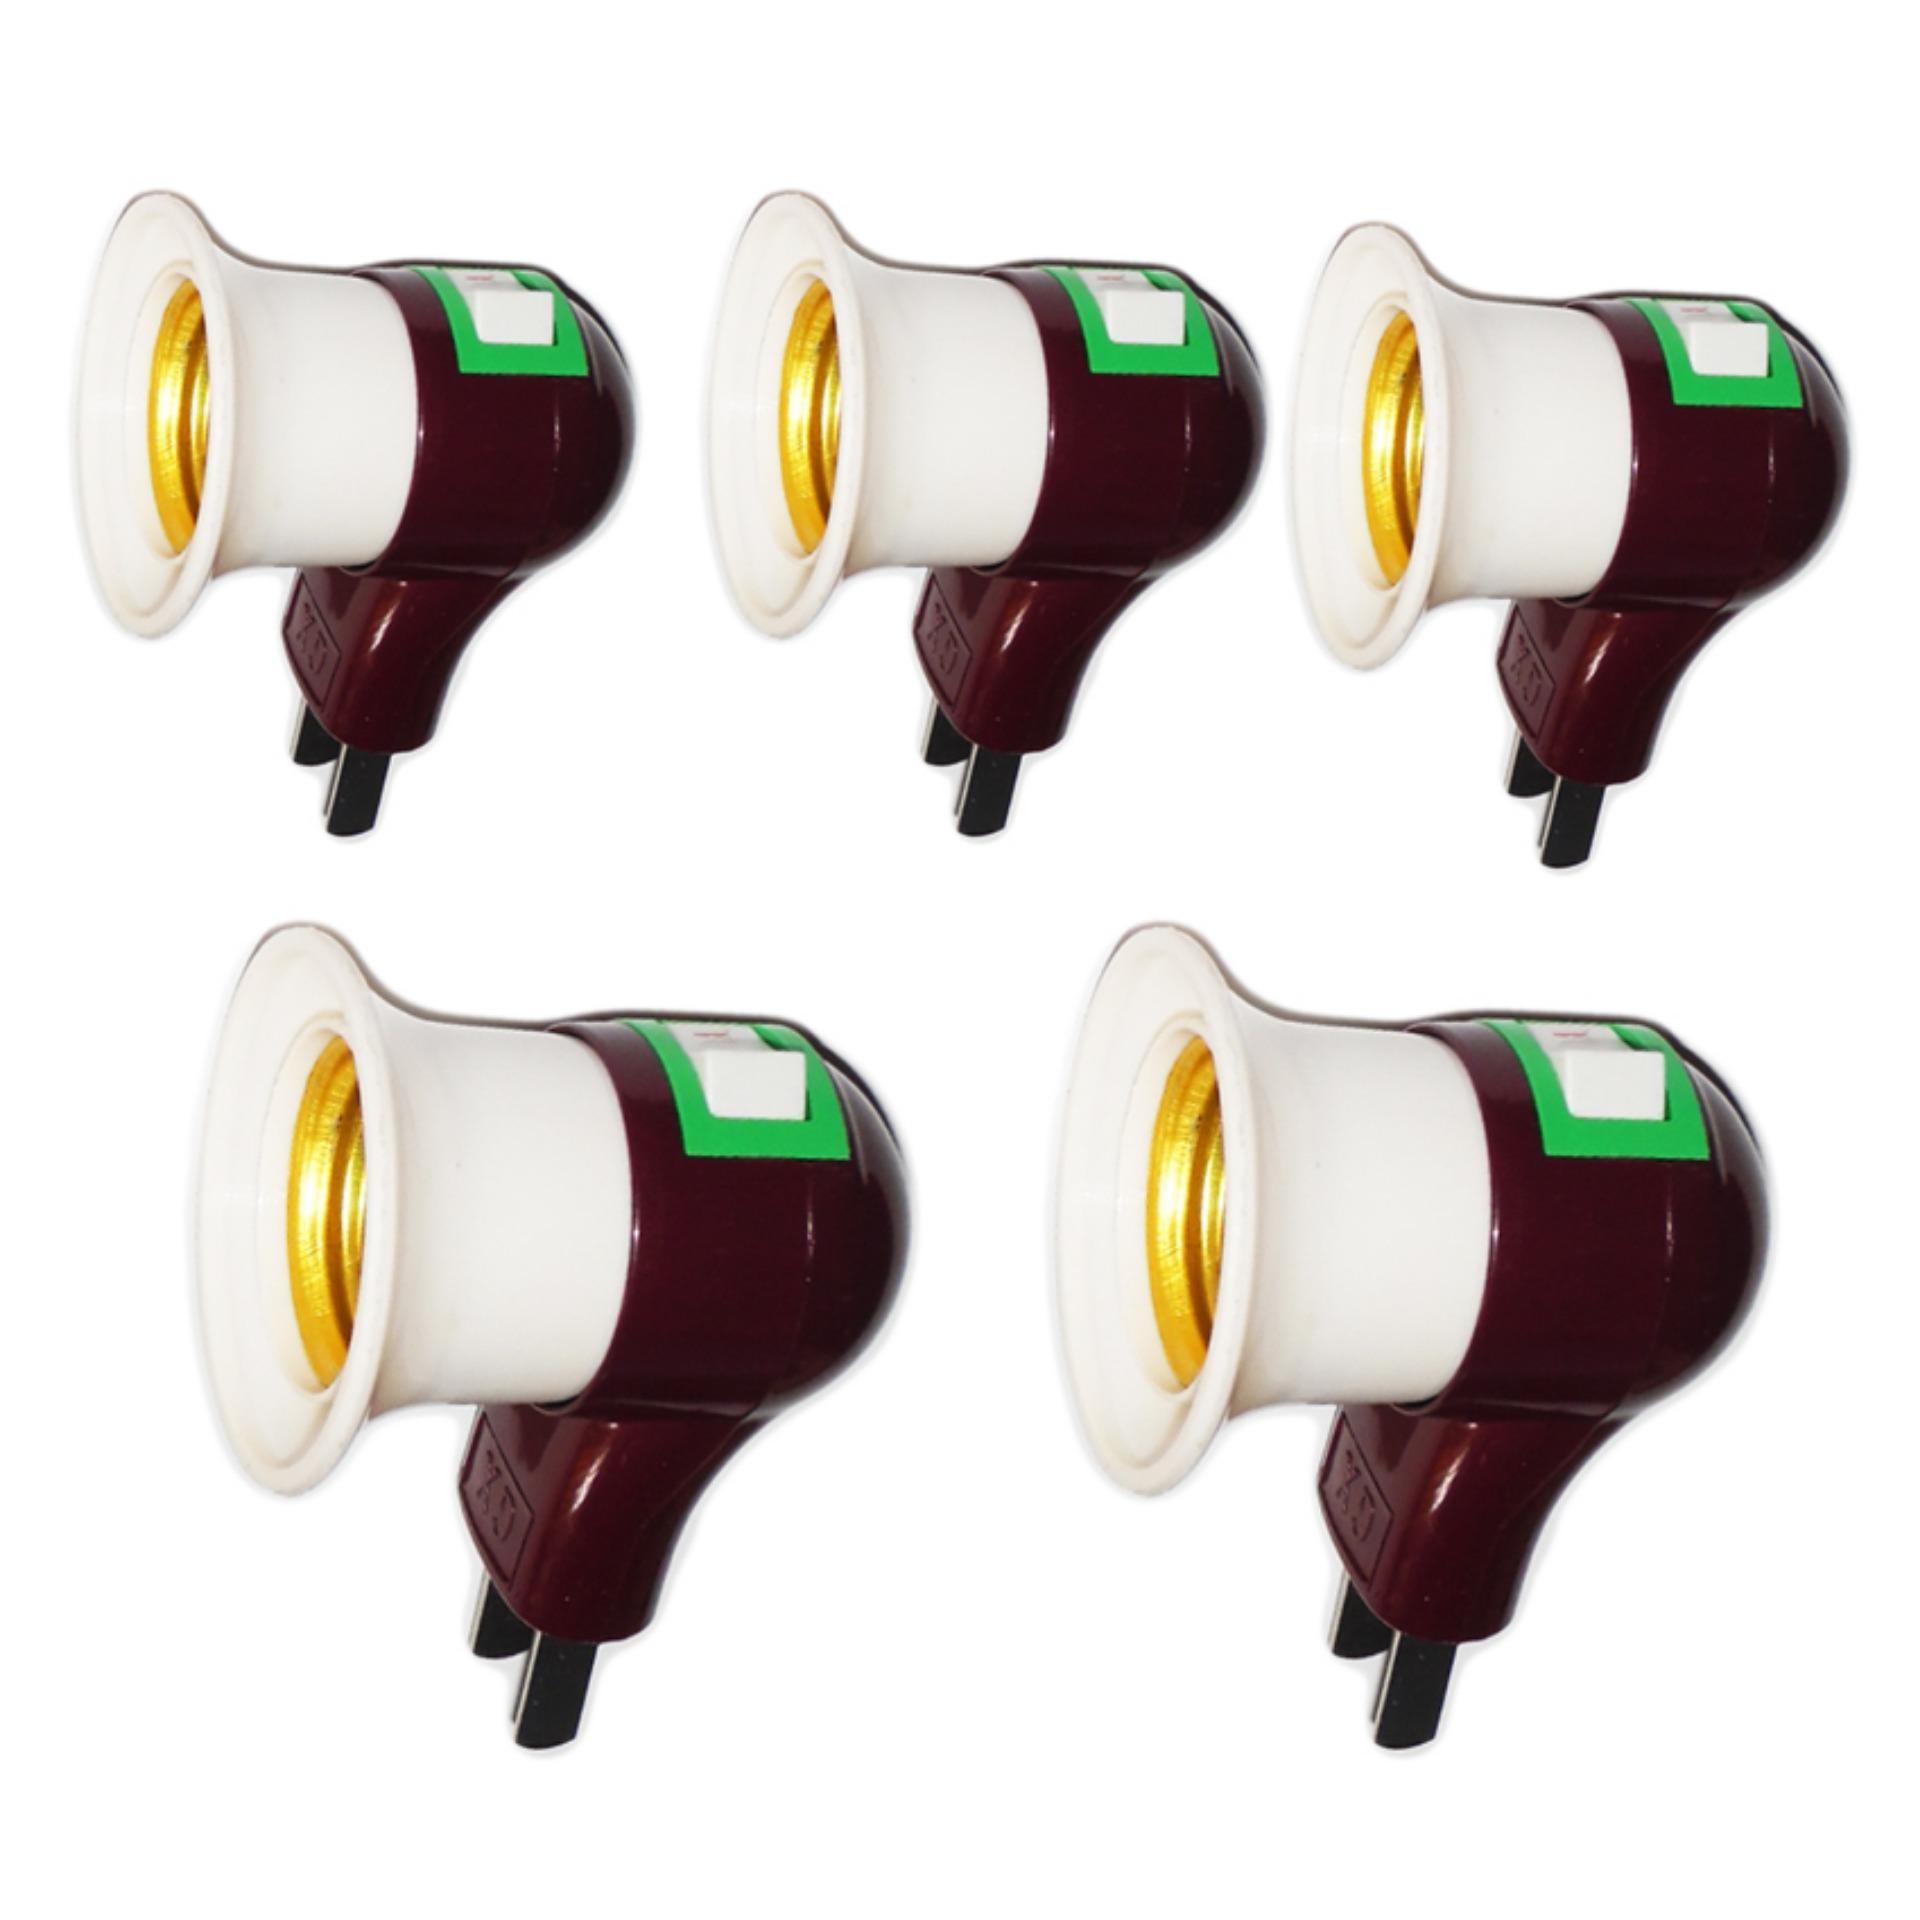 Giá Niêm Yết Bộ 5 đuôi bóng đèn có công tắc (kem)